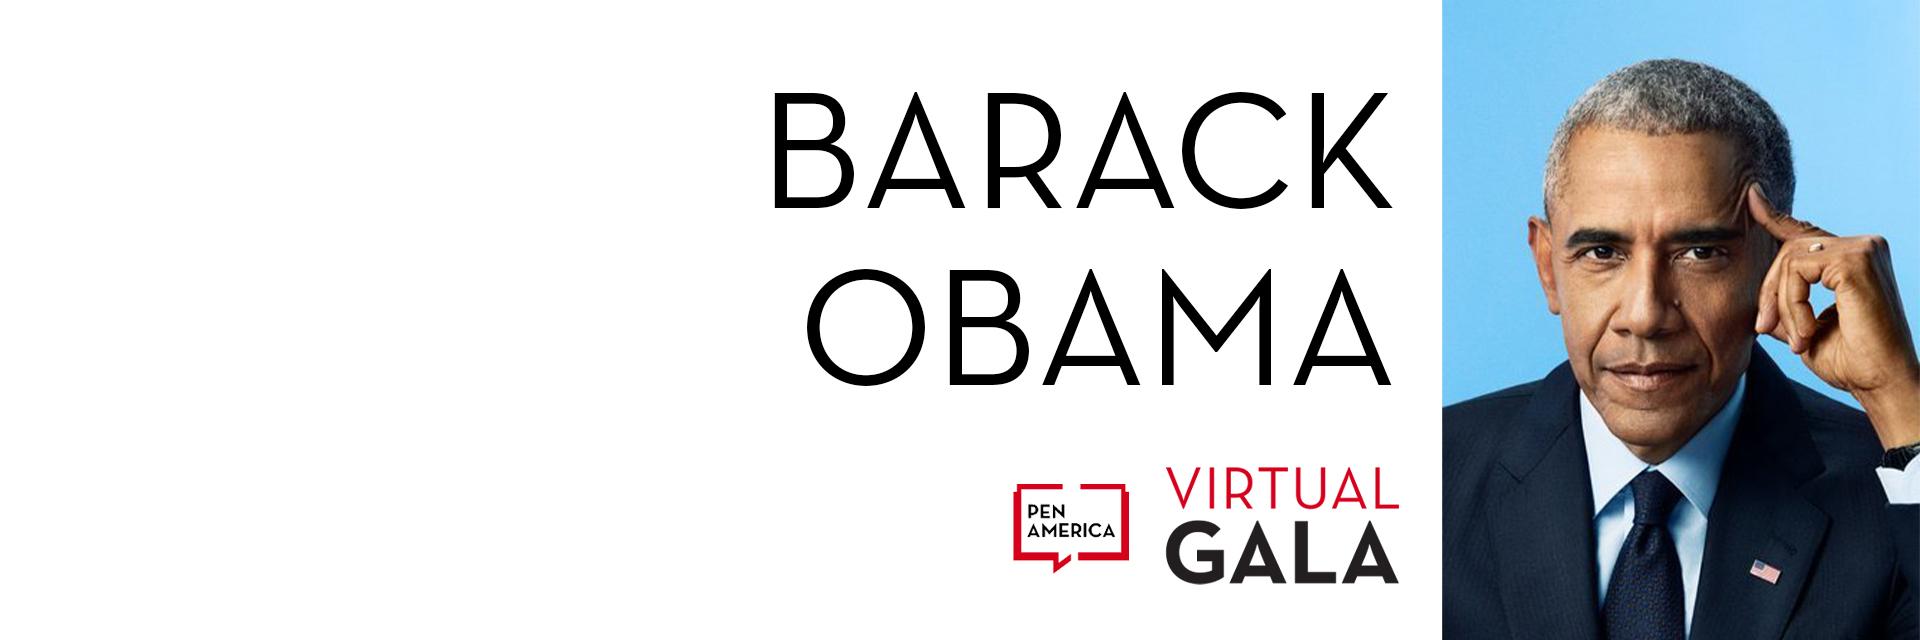 """Barack Obama headshot on right; on left: """"Barack Obama PEN America Virtual Gala"""""""